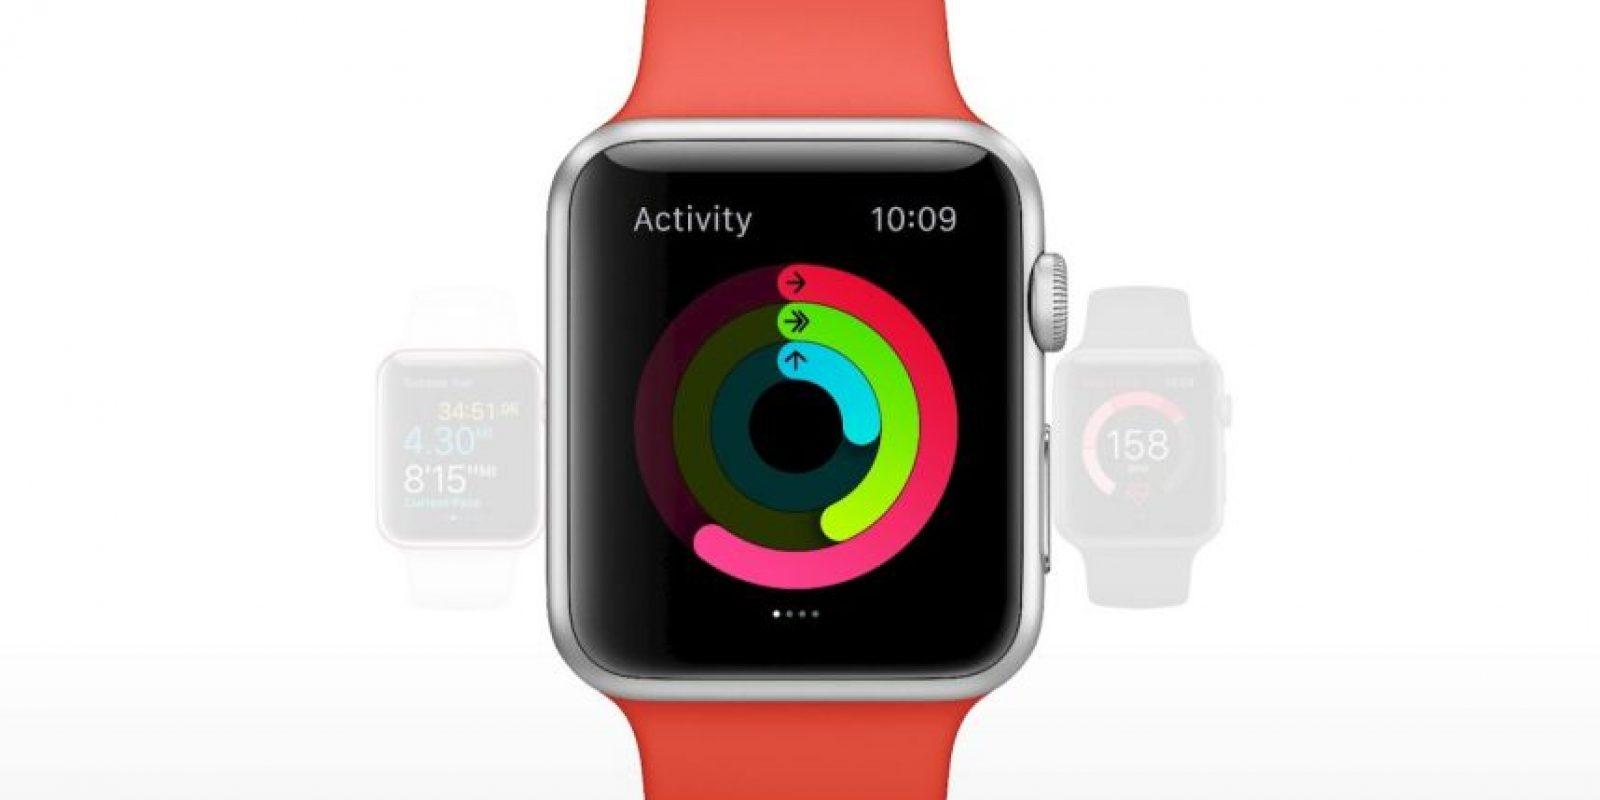 Apple Watch está disponible en tres diferentes colecciones desde 349 dólares. Foto:Apple